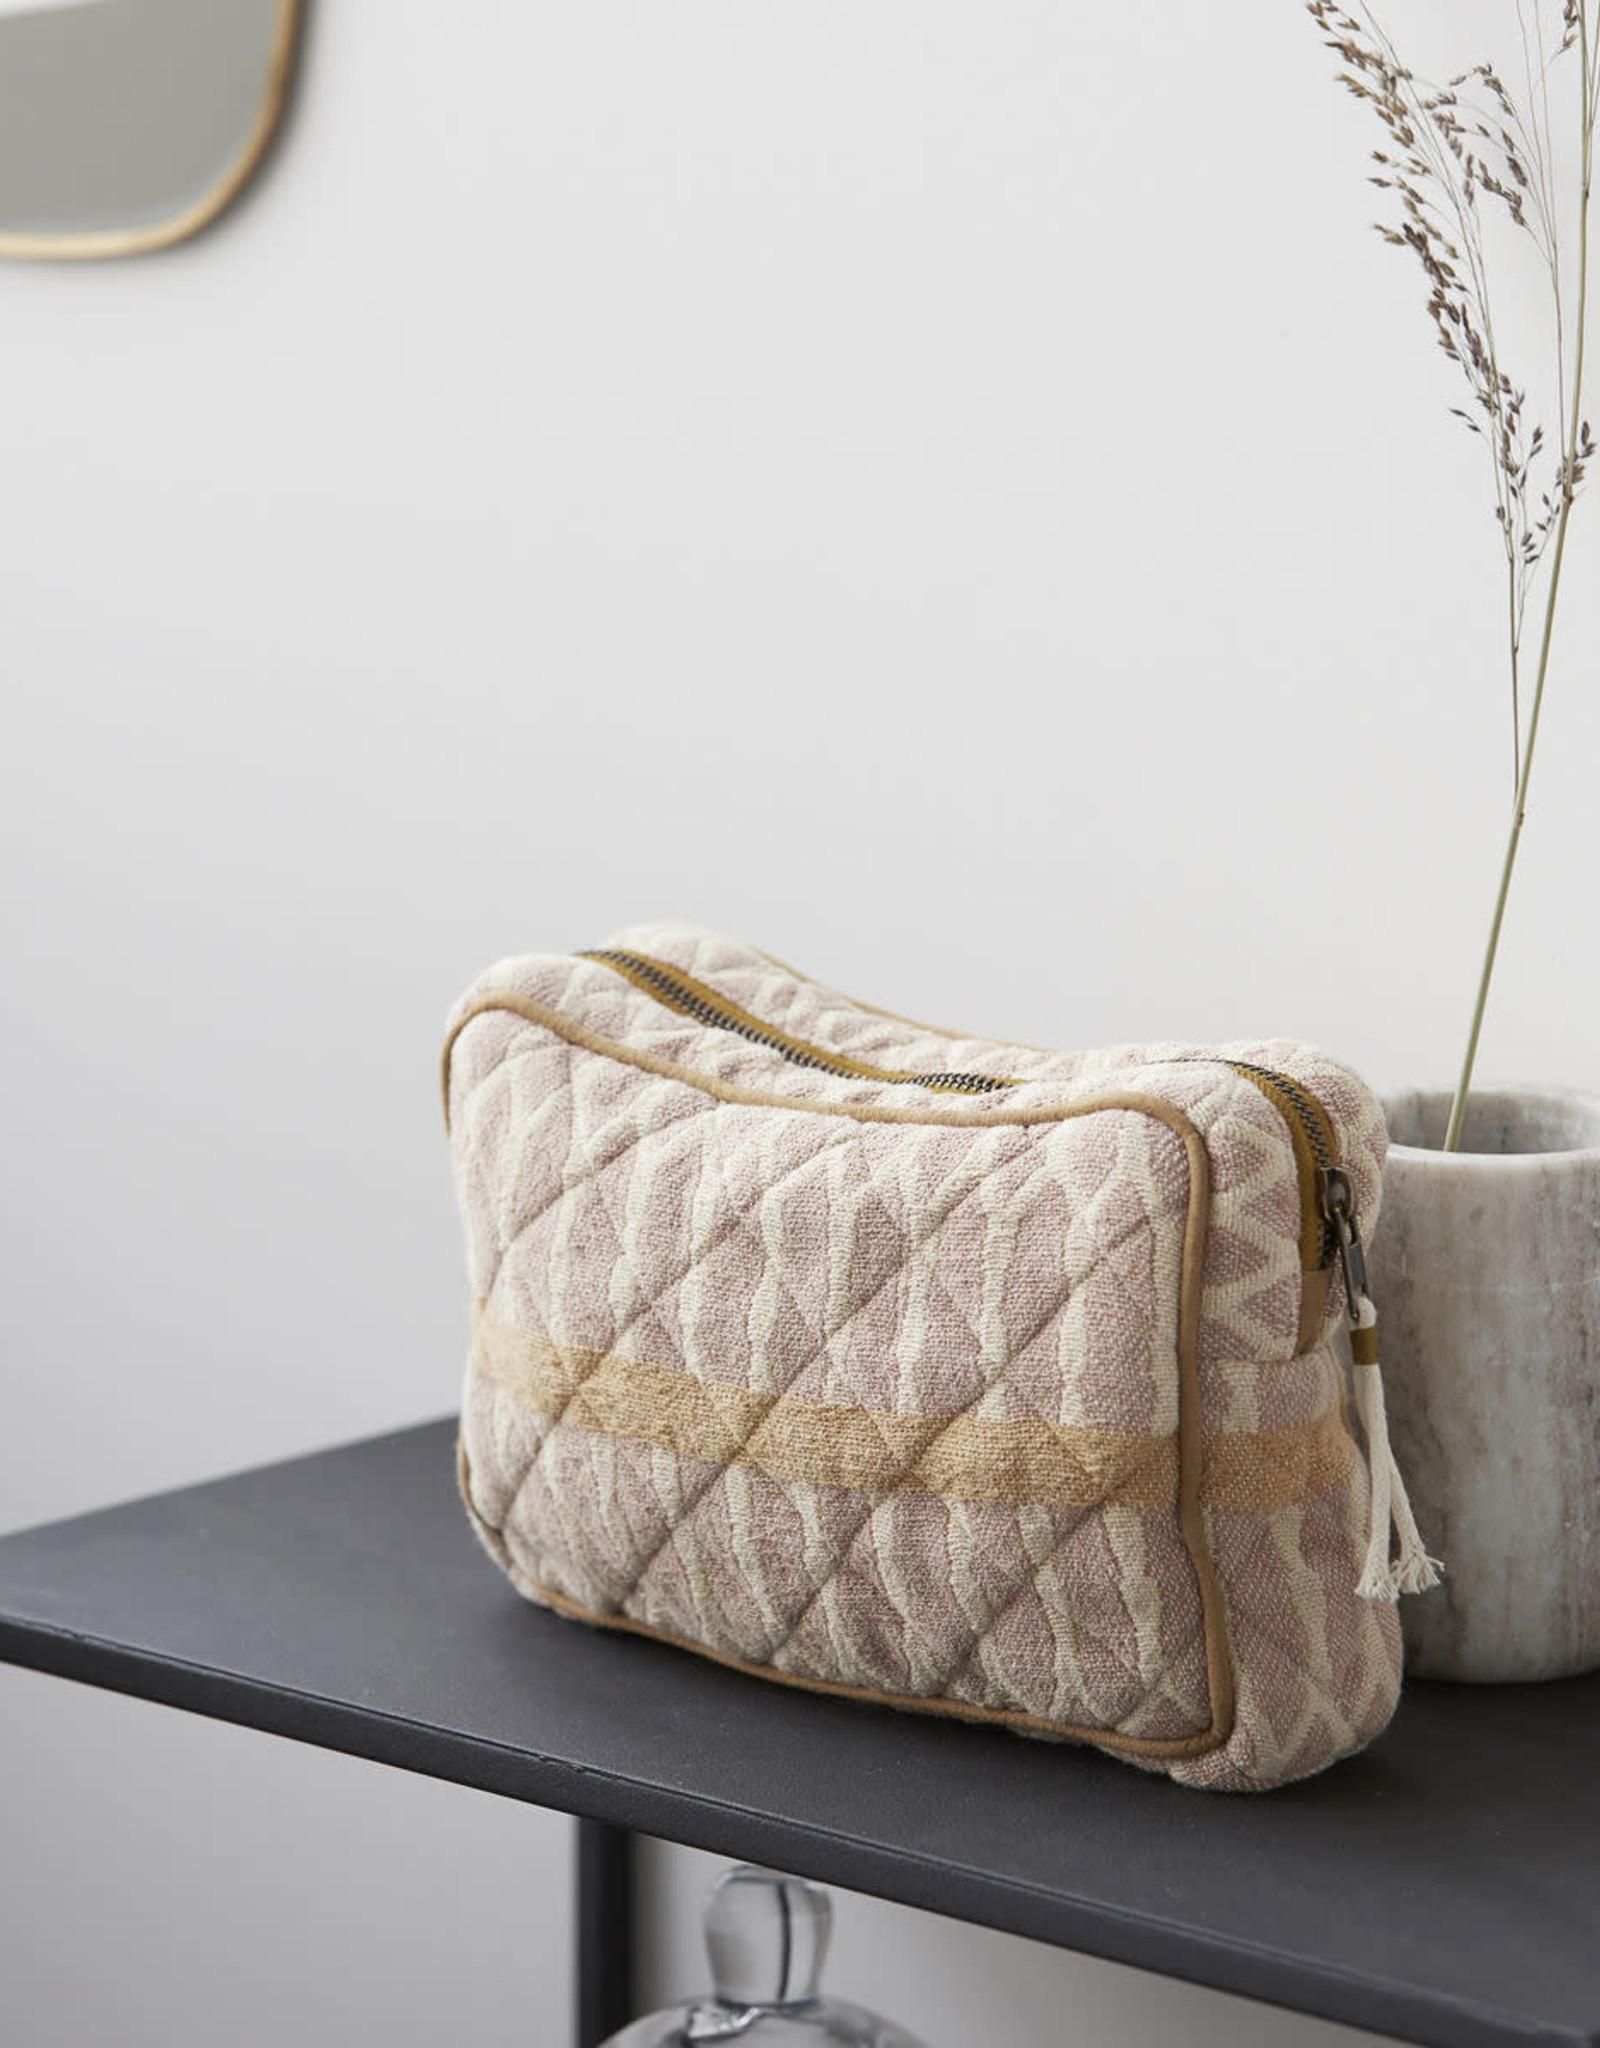 Meraki Meraki - Toiletry bag, mustard/ Terracotta/sand